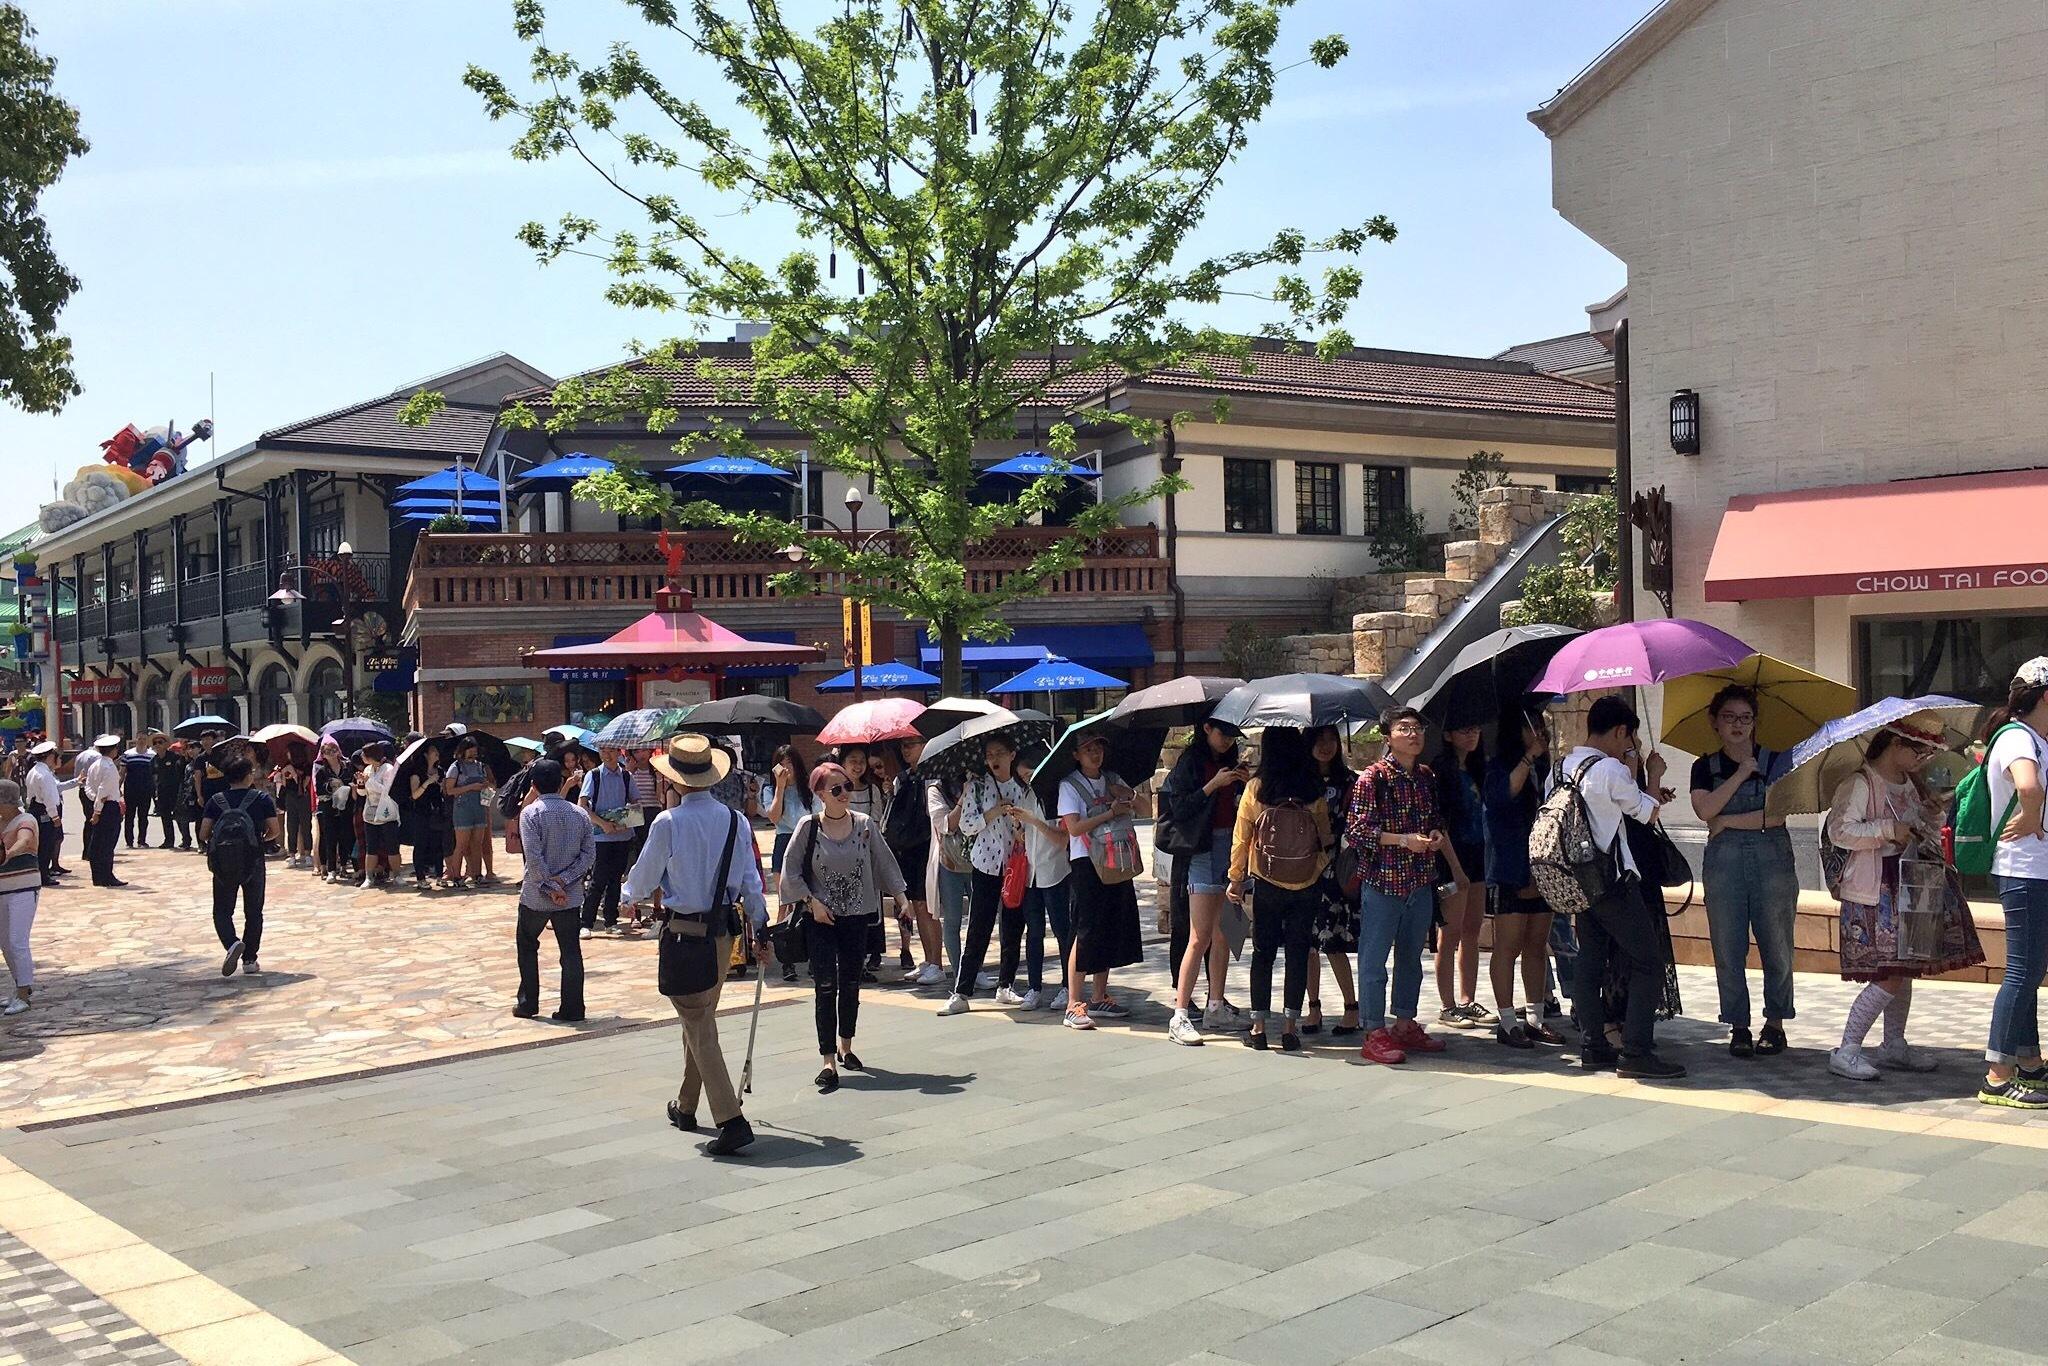 レッドカーペットのファンエリアへ入場するための列へ並ぶファン